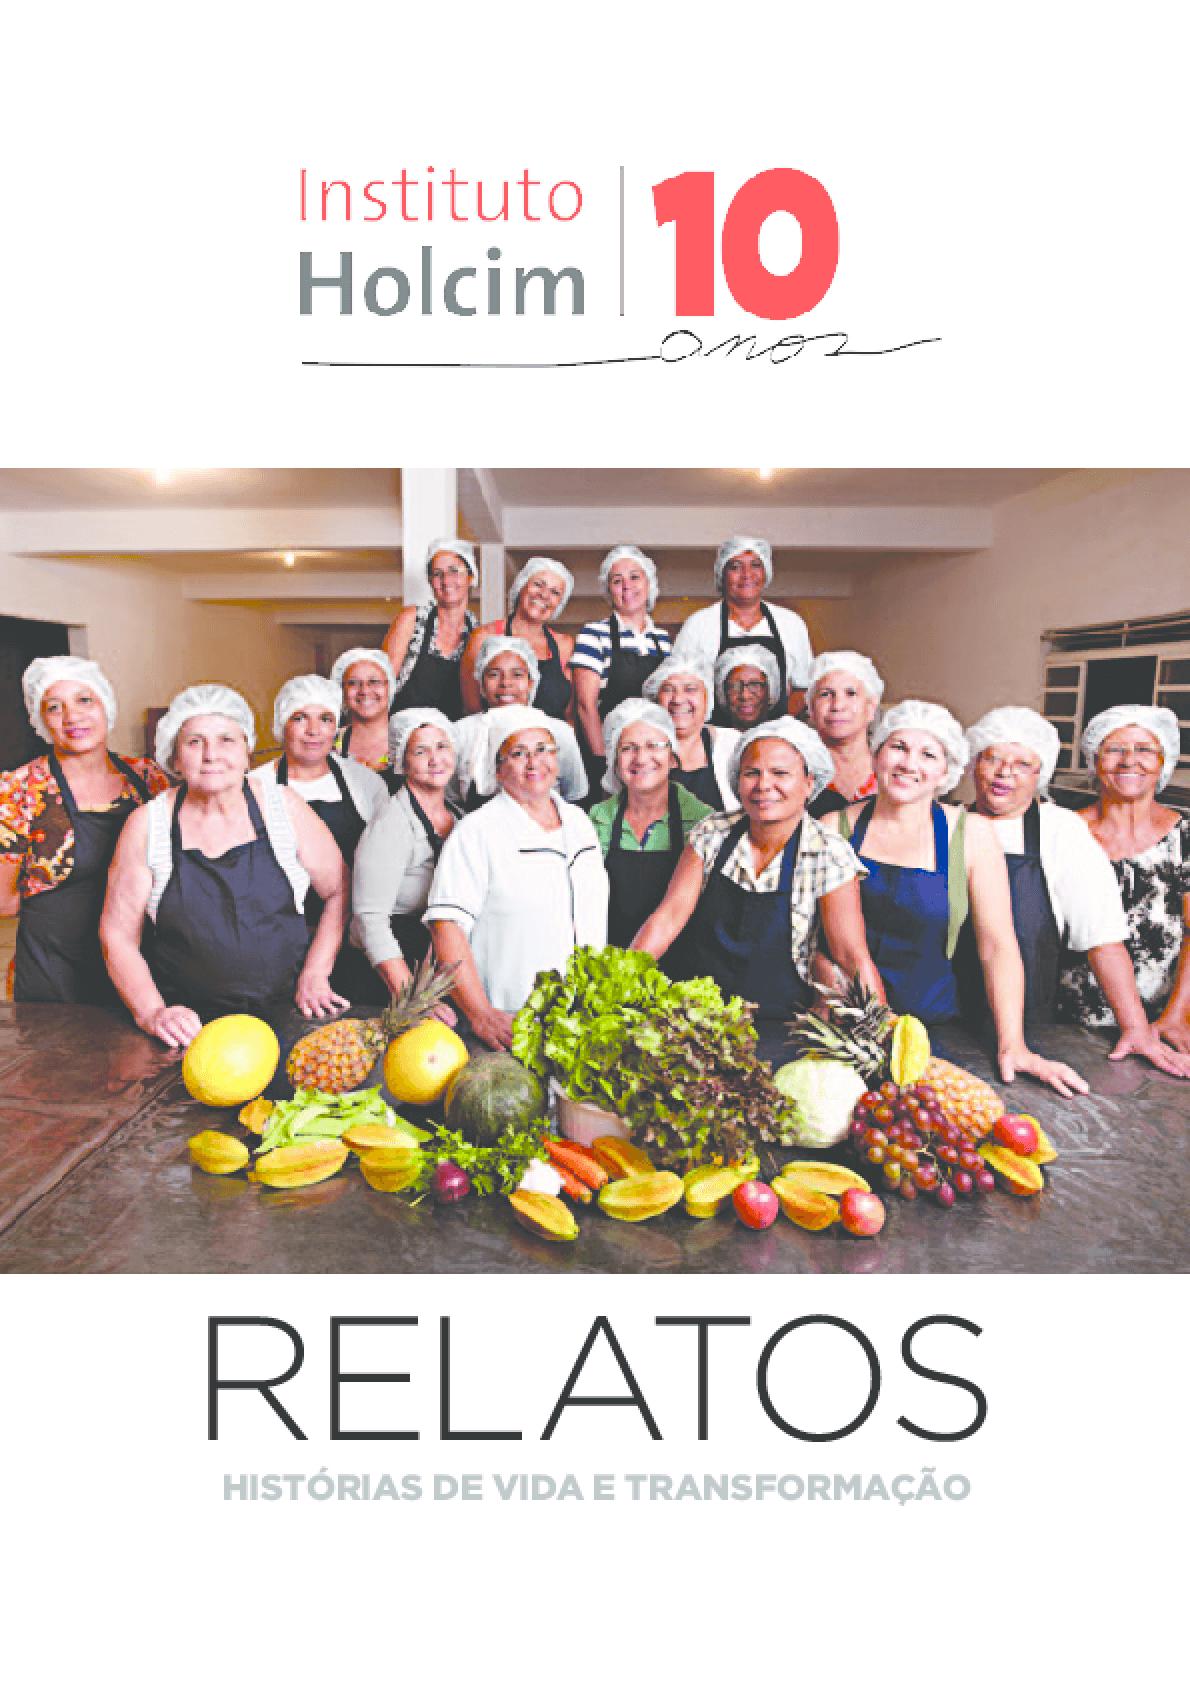 Instituto Holcim - relatos: histórias de vida e transformação